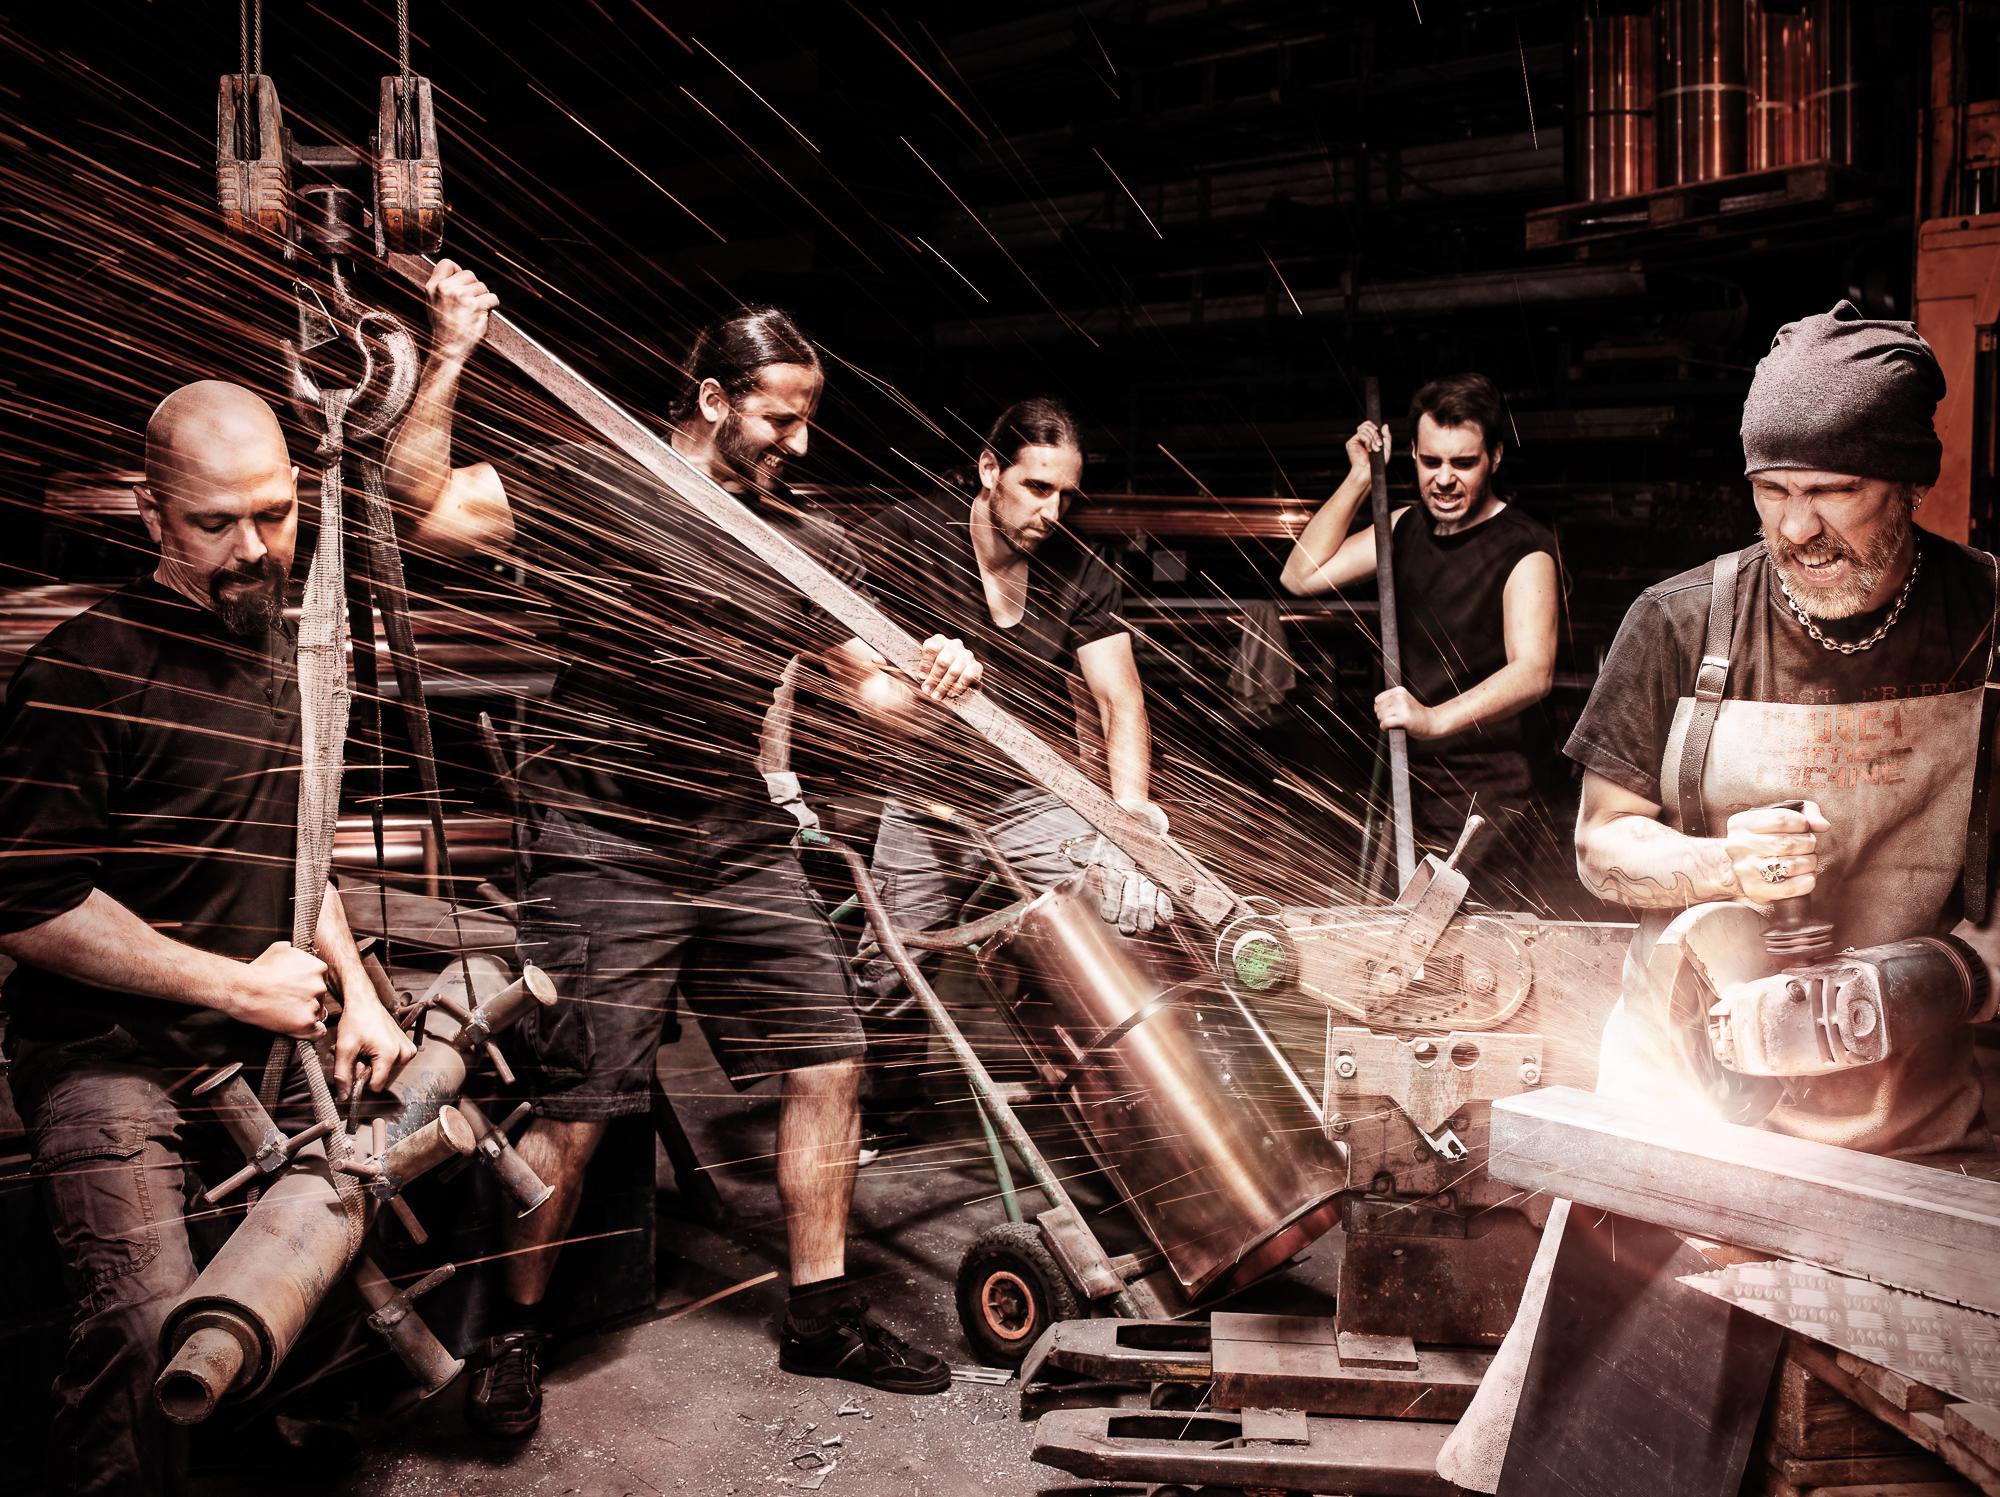 People und Commercial Portfolio Shot mit Lilienstahl am Arbeiten